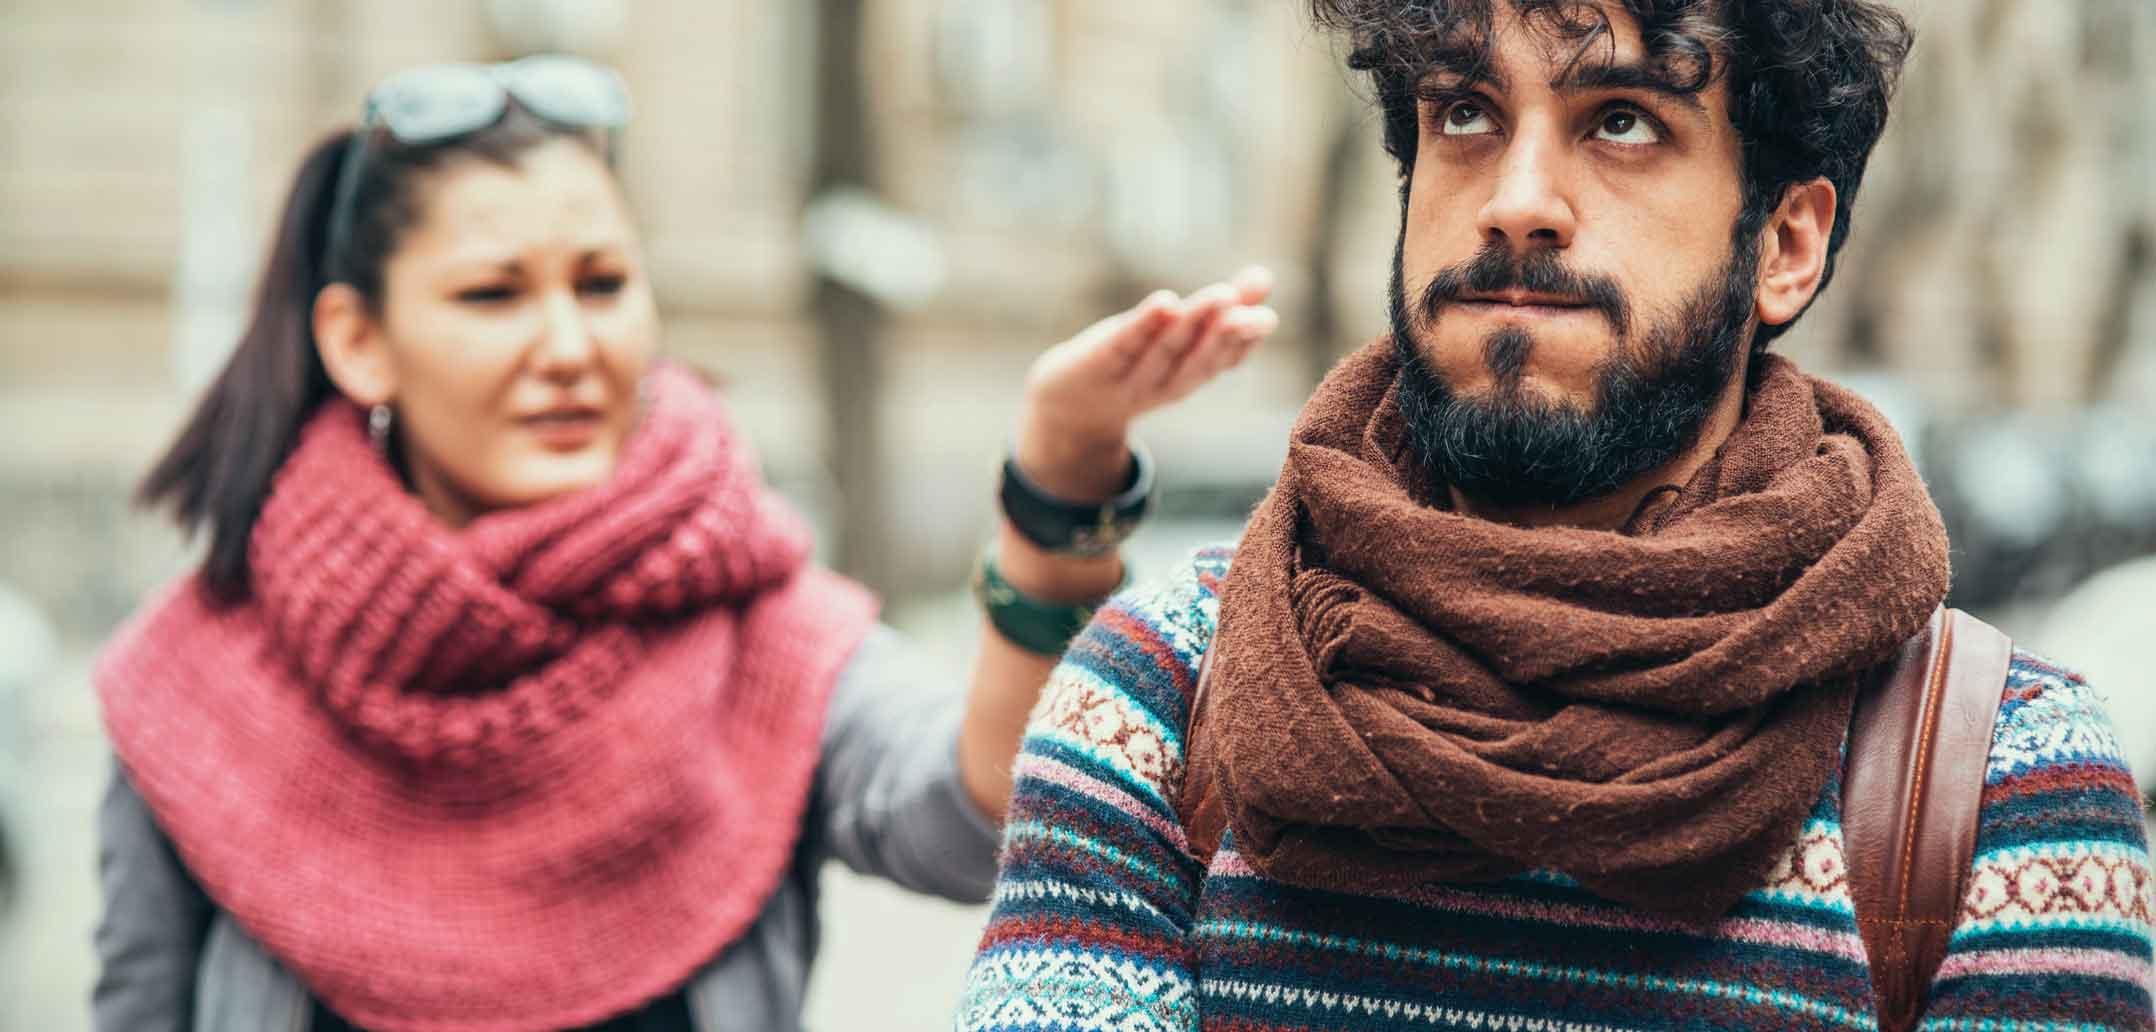 8 falsche Wege zu streiten